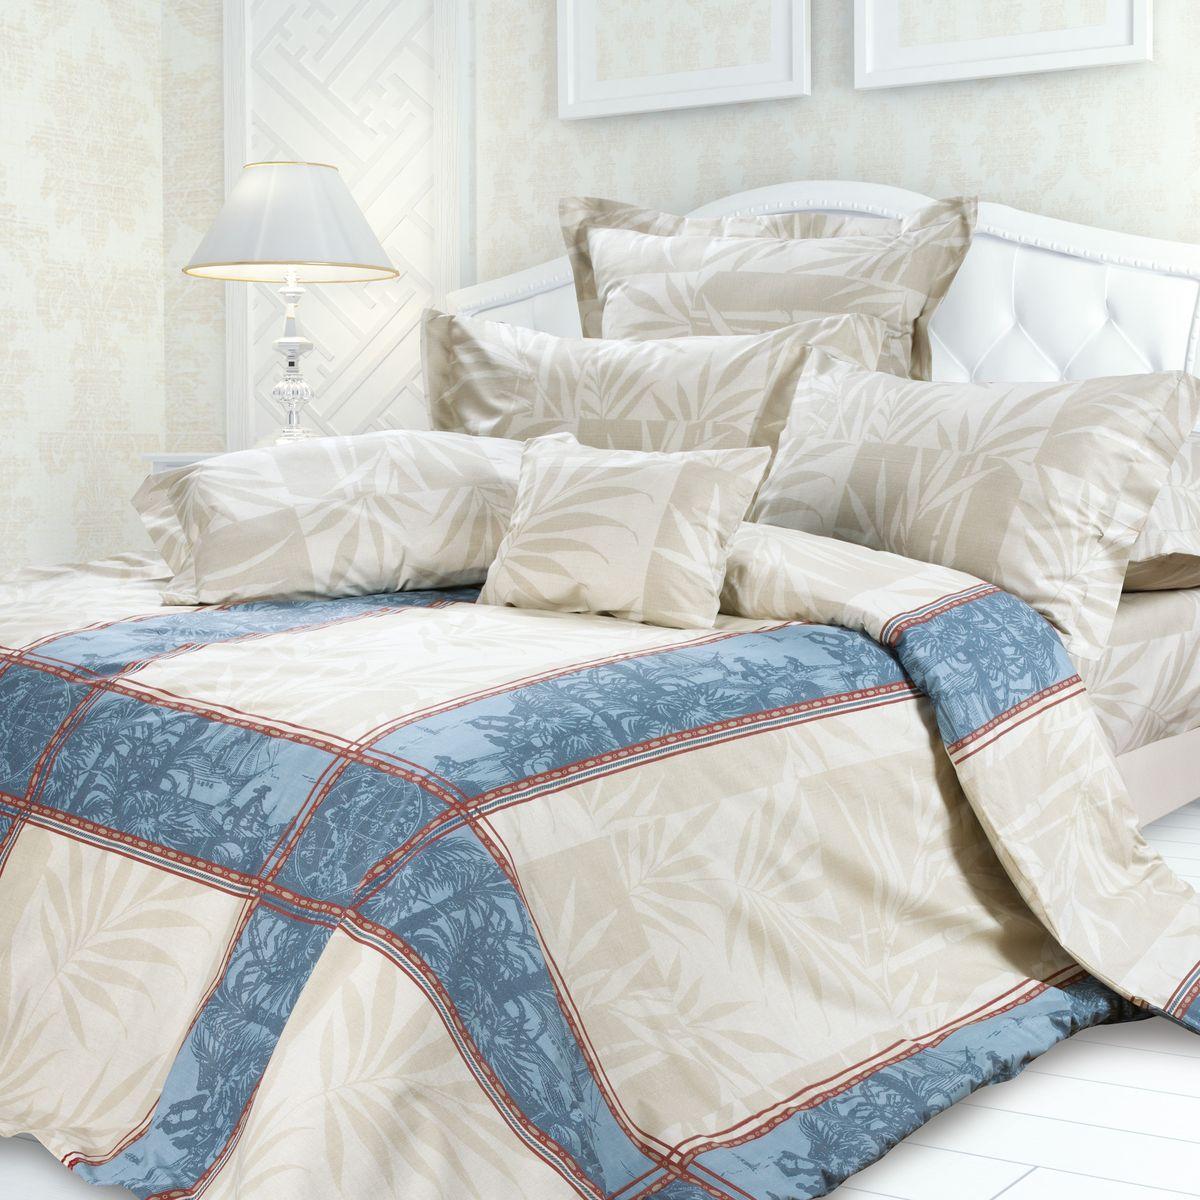 Комплект белья Унисон Кортес, семейный, наволочки 70 x 70, цвет: серый. 239606239606